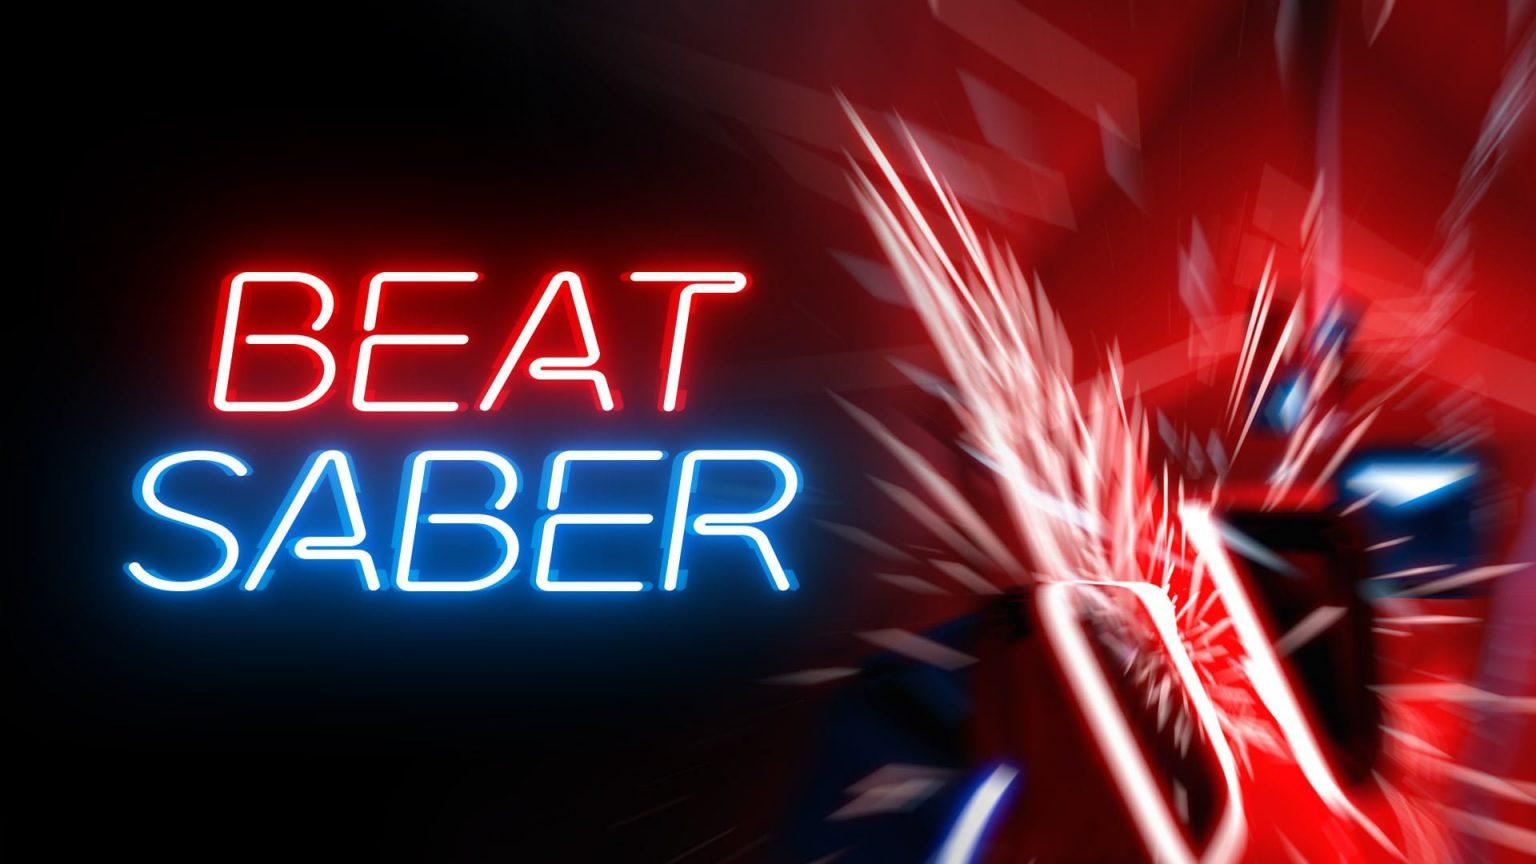 Beat Saber PS4 Version Full Game Free Download